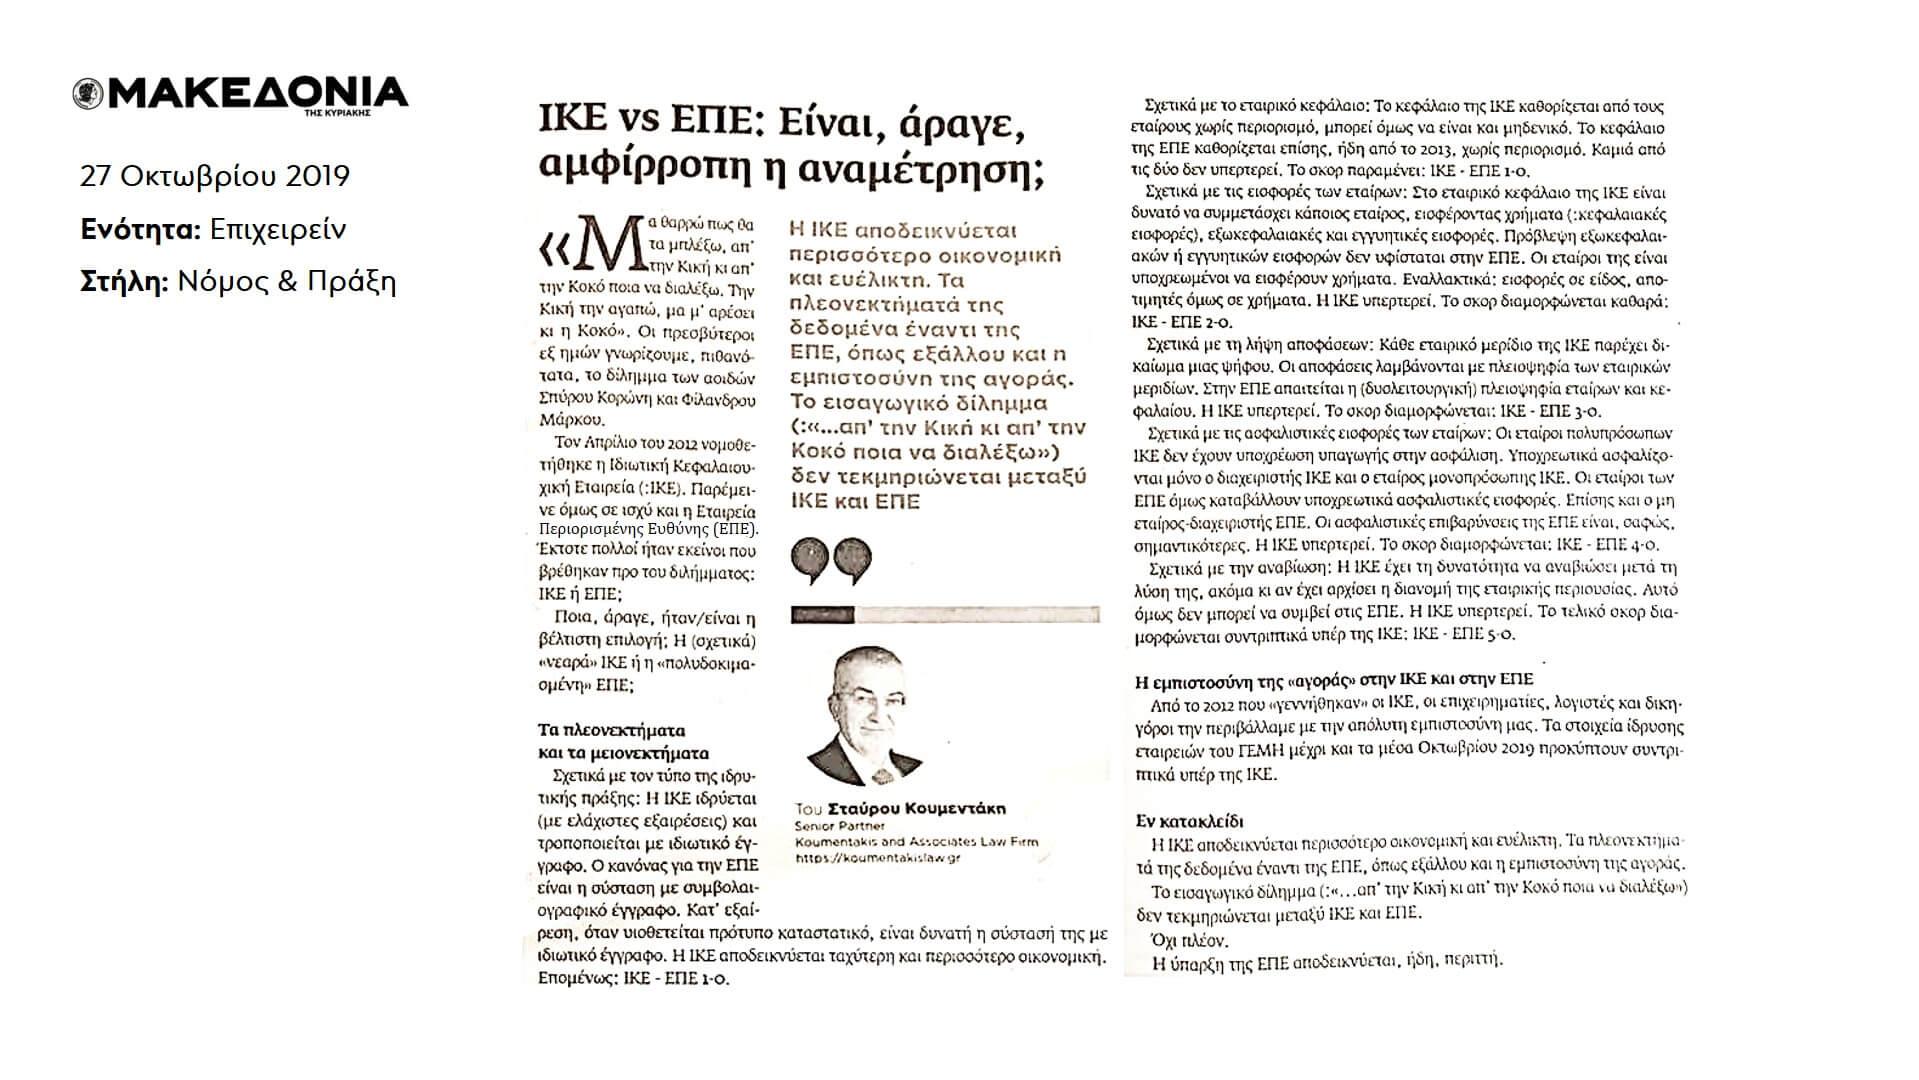 ΙΚΕ vs ΕΠΕ στην εφημερίδα Μακεδονία